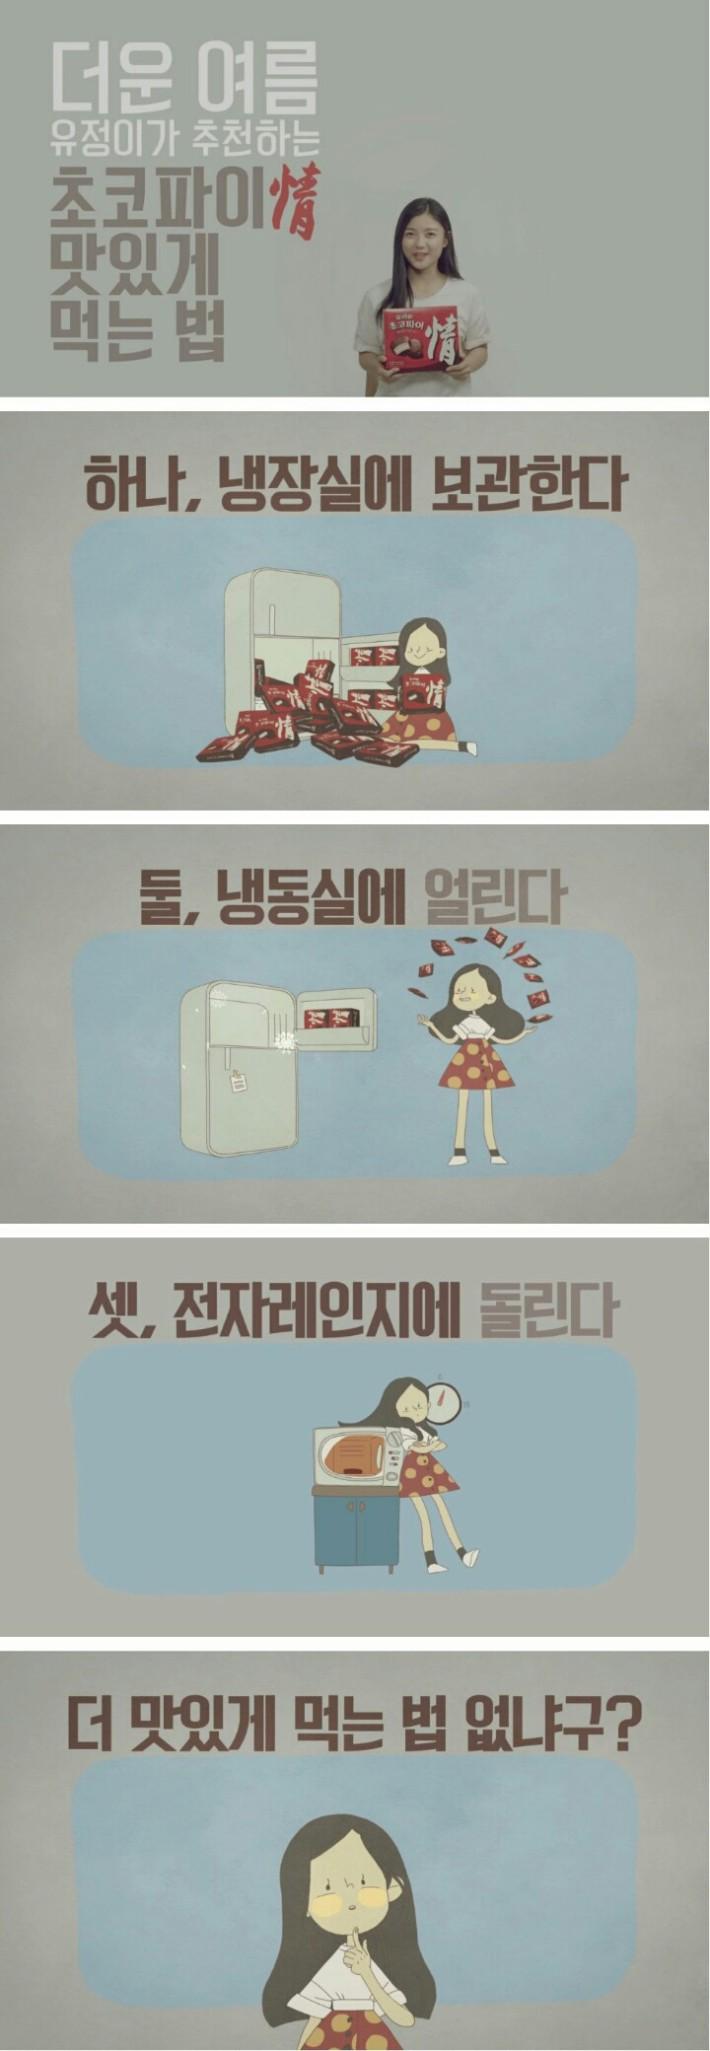 김유정이 말하는 초코파이 맛있게 먹는 방법